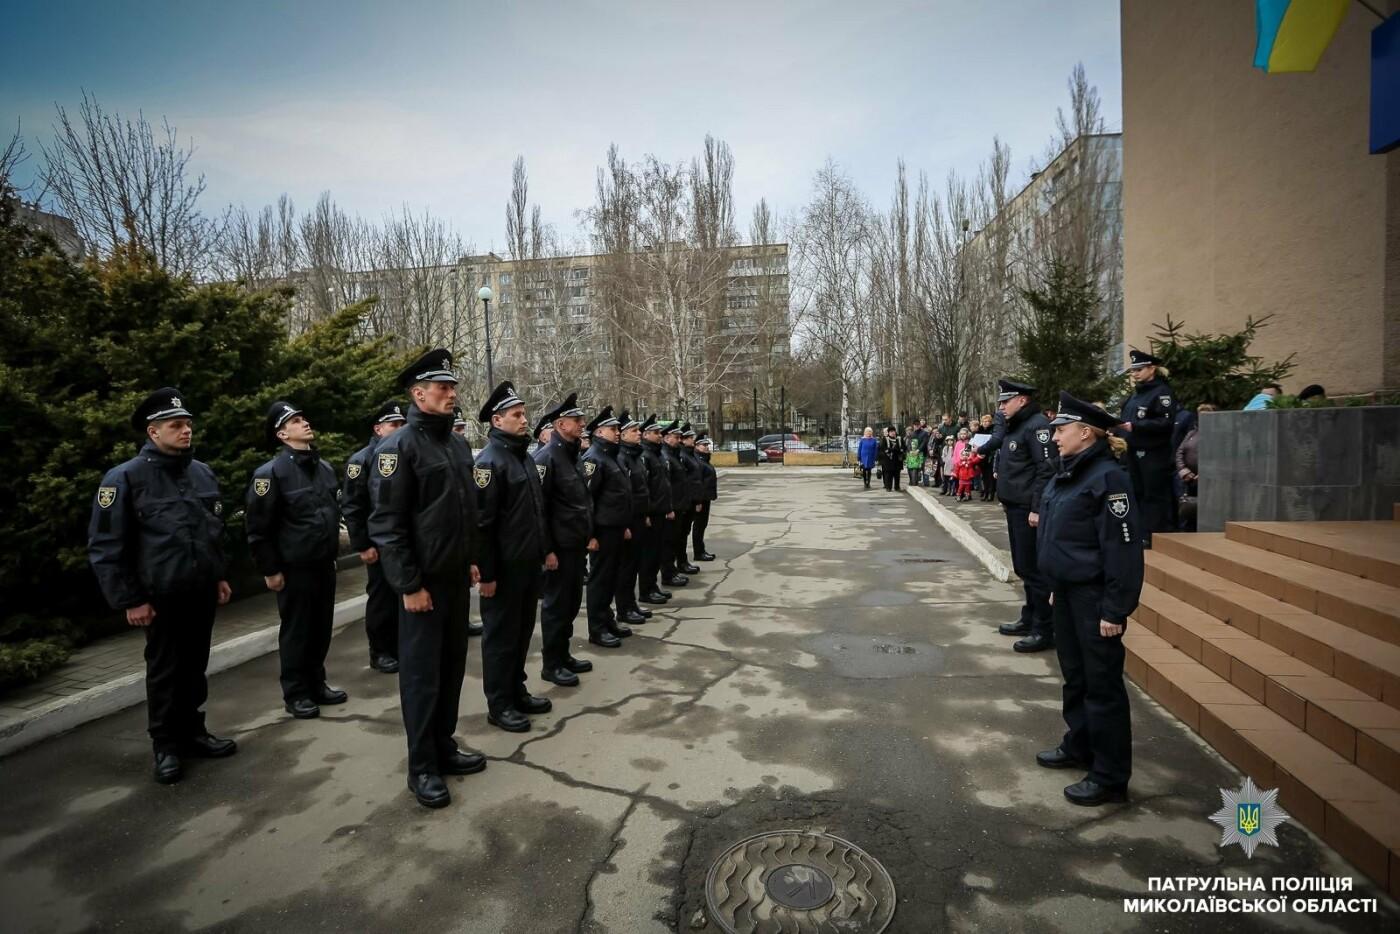 В Николаеве 18 полицейских присягнули на верность украинскому народу, - ФОТО, фото-3